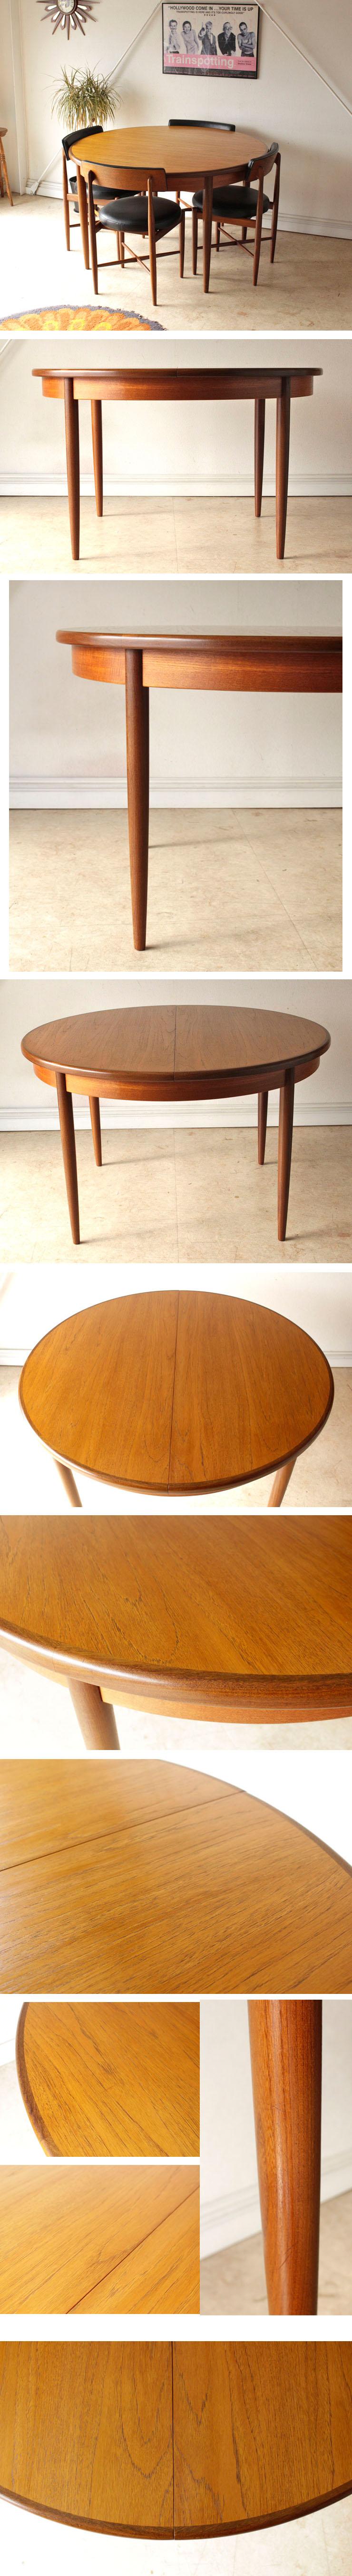 ジープラン・G-plan・ダイニングテーブル・ビンテージ・家具・アンティーク・北欧・インテリア・チーク